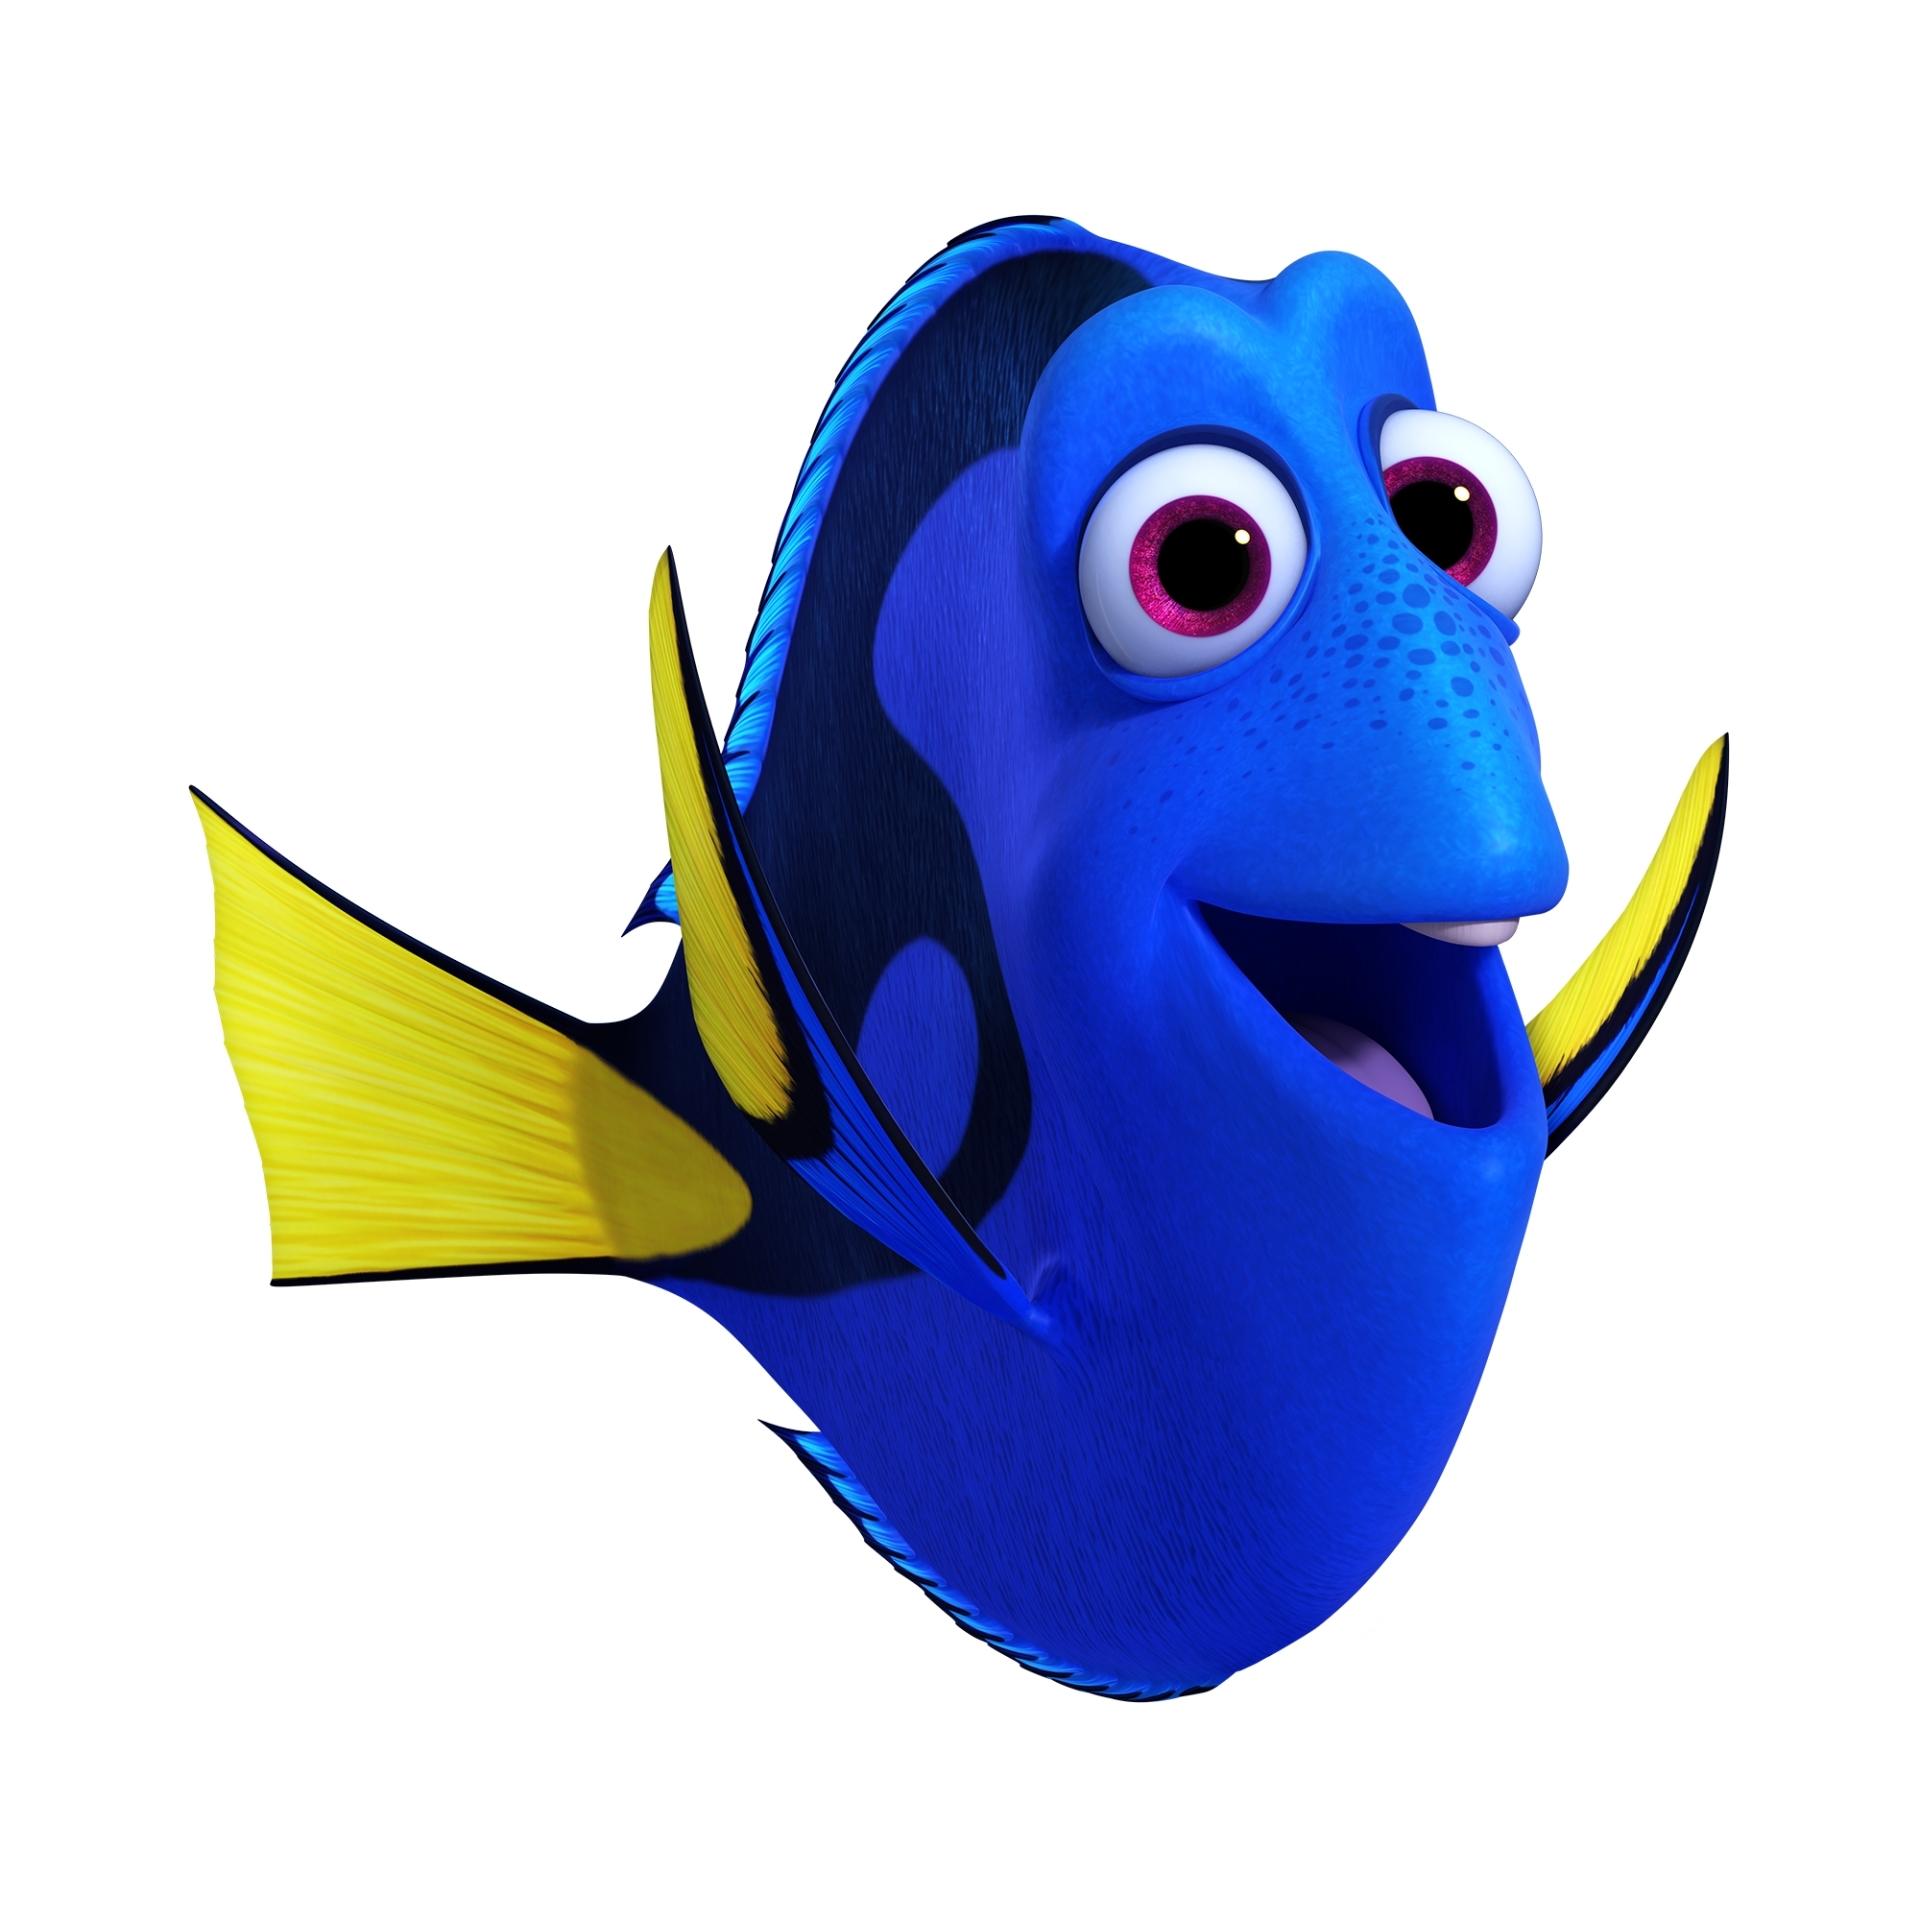 ドリー  ©Disney/Pixar